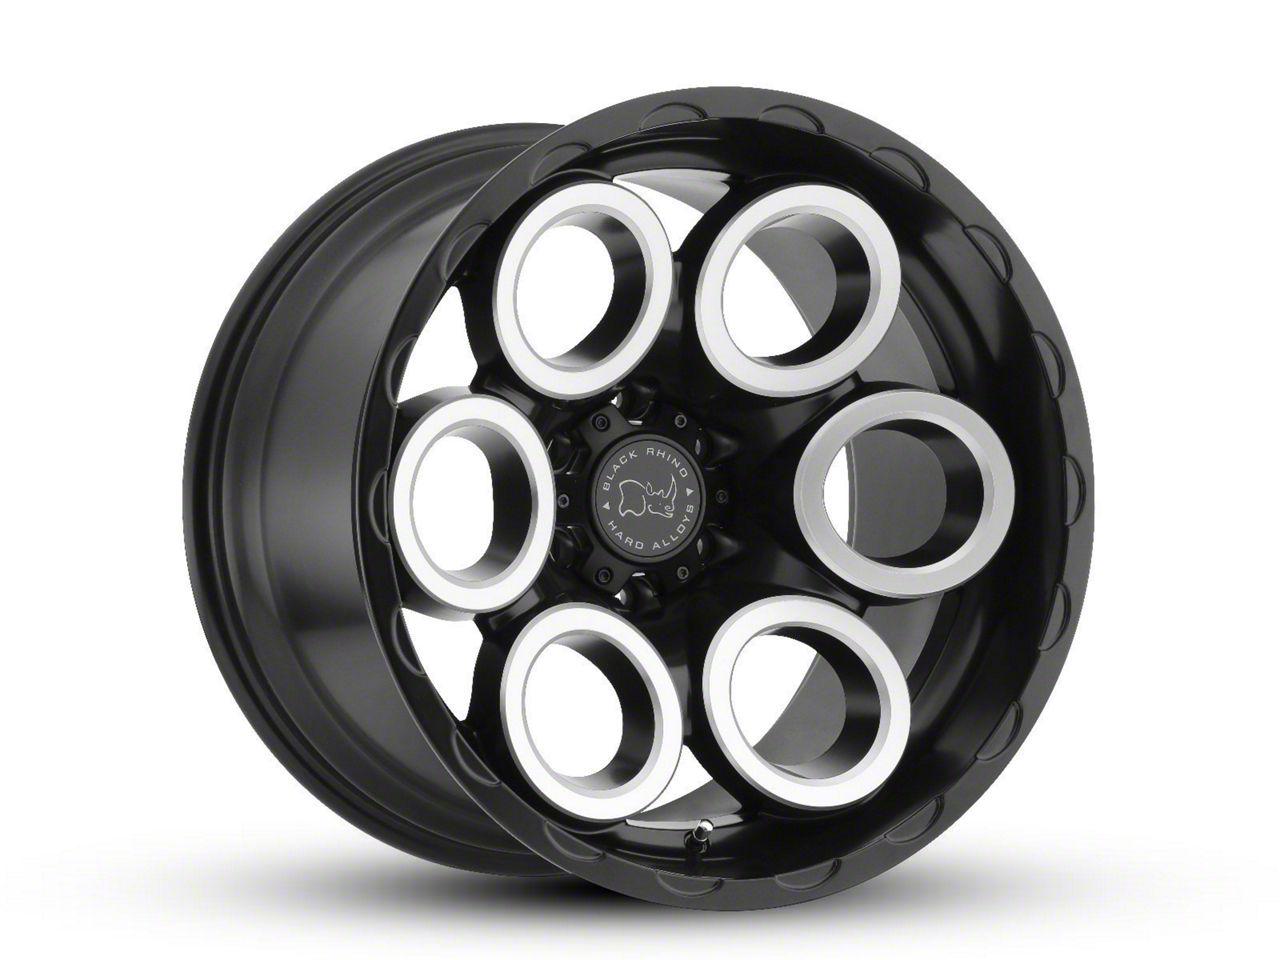 Black Rhino Magnus Matte Black Machined 6-Lug Wheel - 17x9.5 (99-18 Silverado 1500)